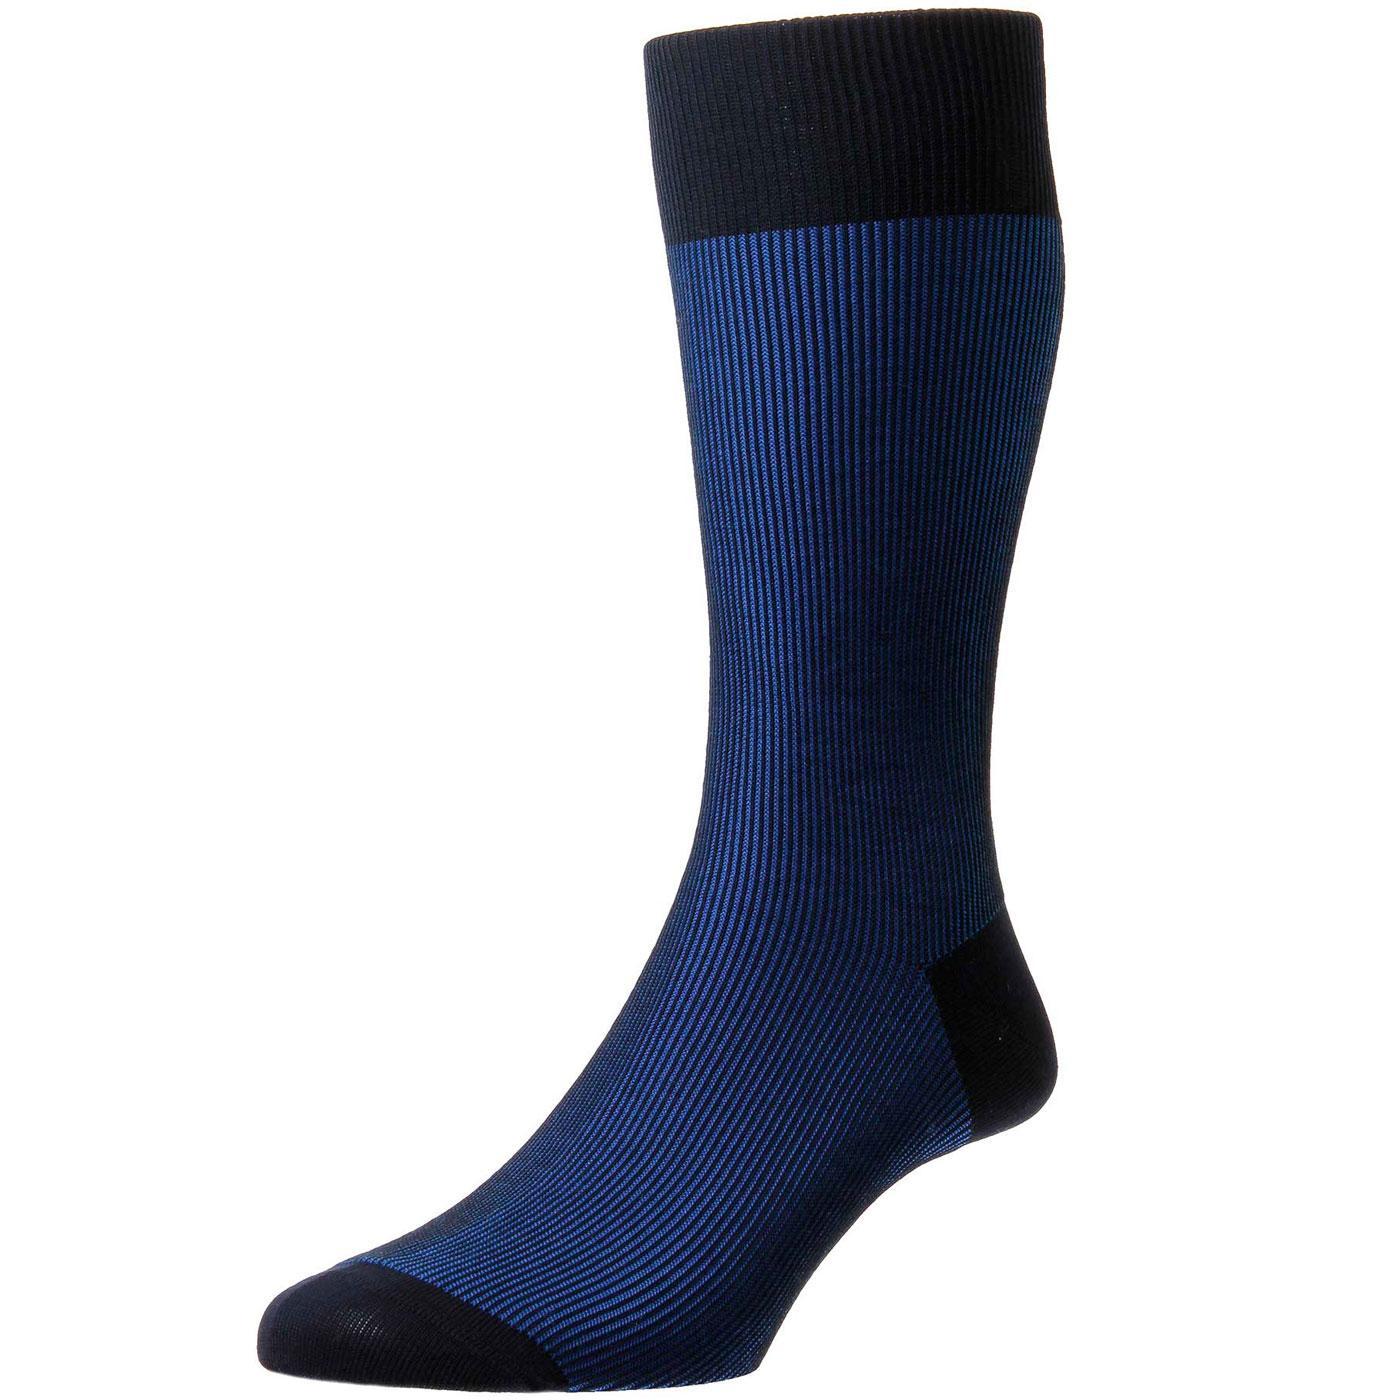 + Santos PANTHERELLA Retro Tonic Effect Socks N/RB